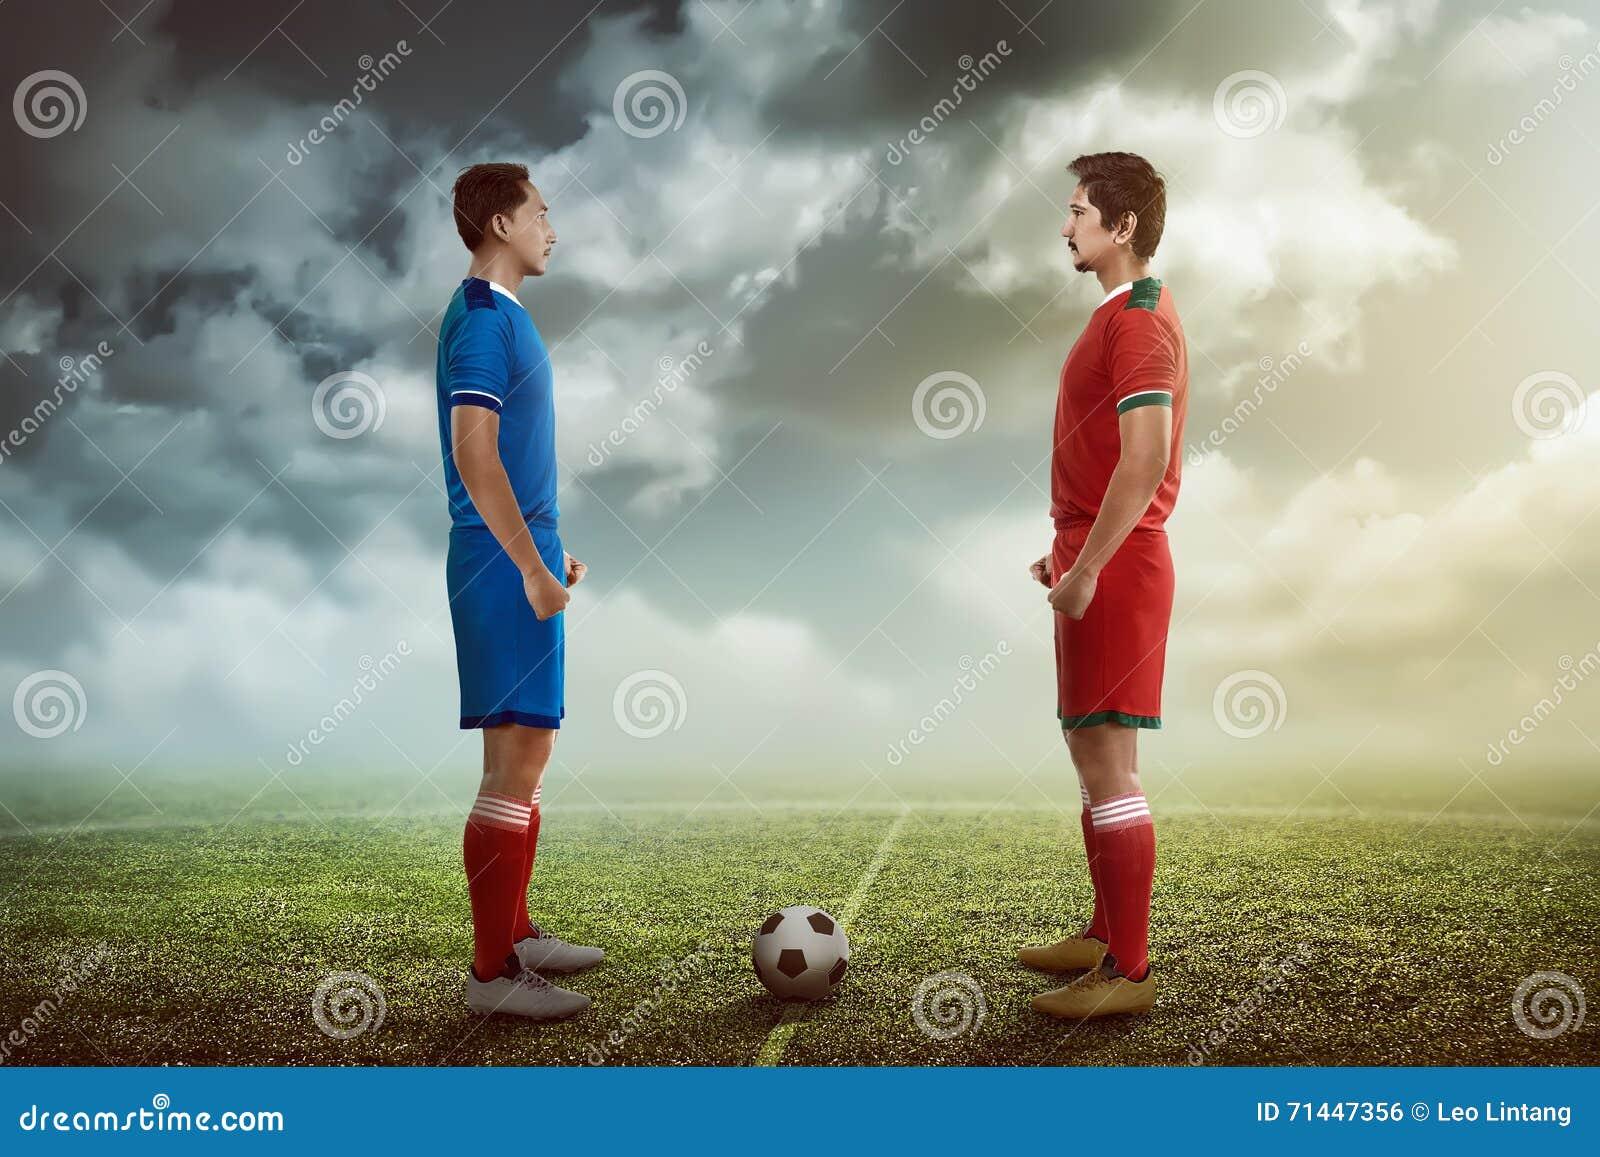 Spieler des Fußballs zwei, der sich gegenüberstellt